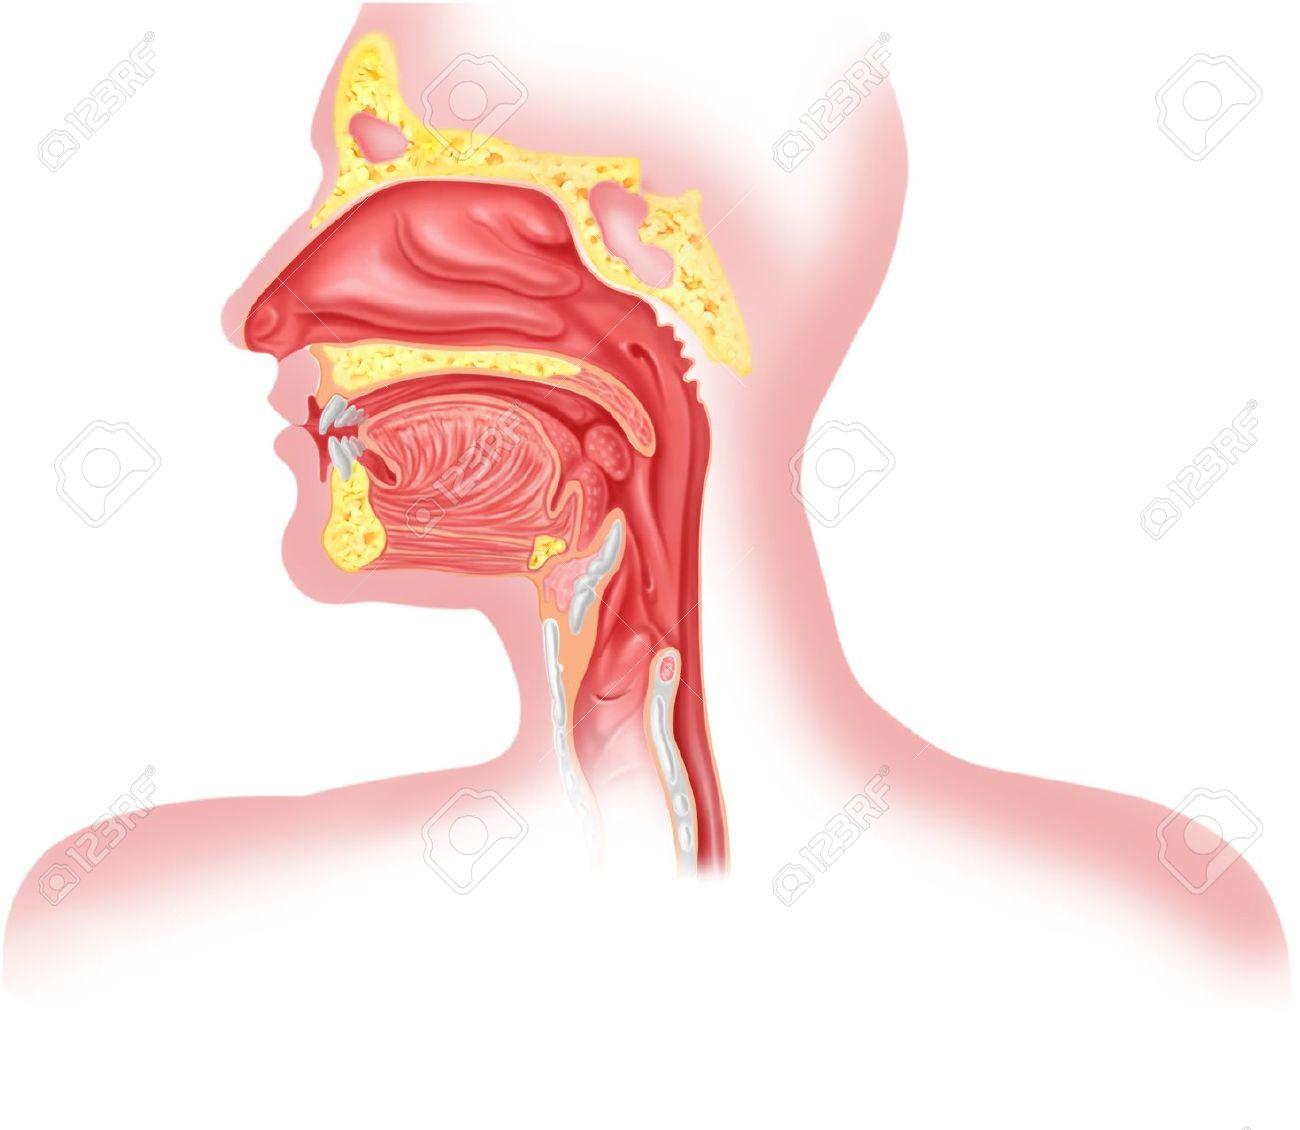 Nasal cavity clipart #11